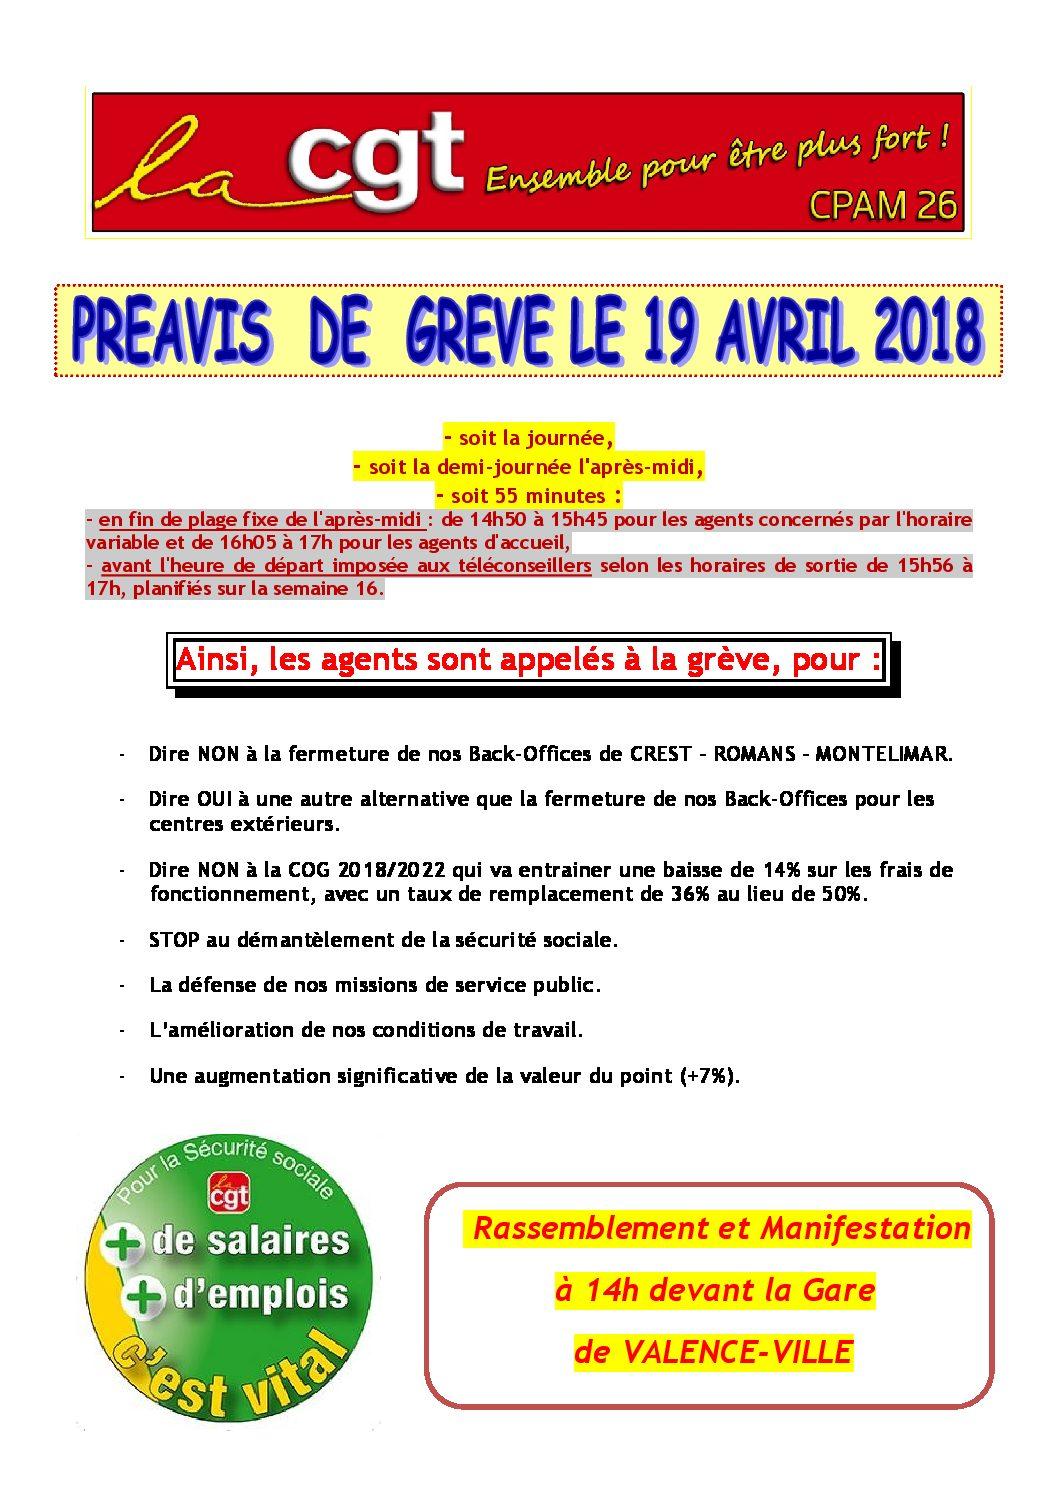 Appel à la grève à CPAM de la Drôme 19 avril